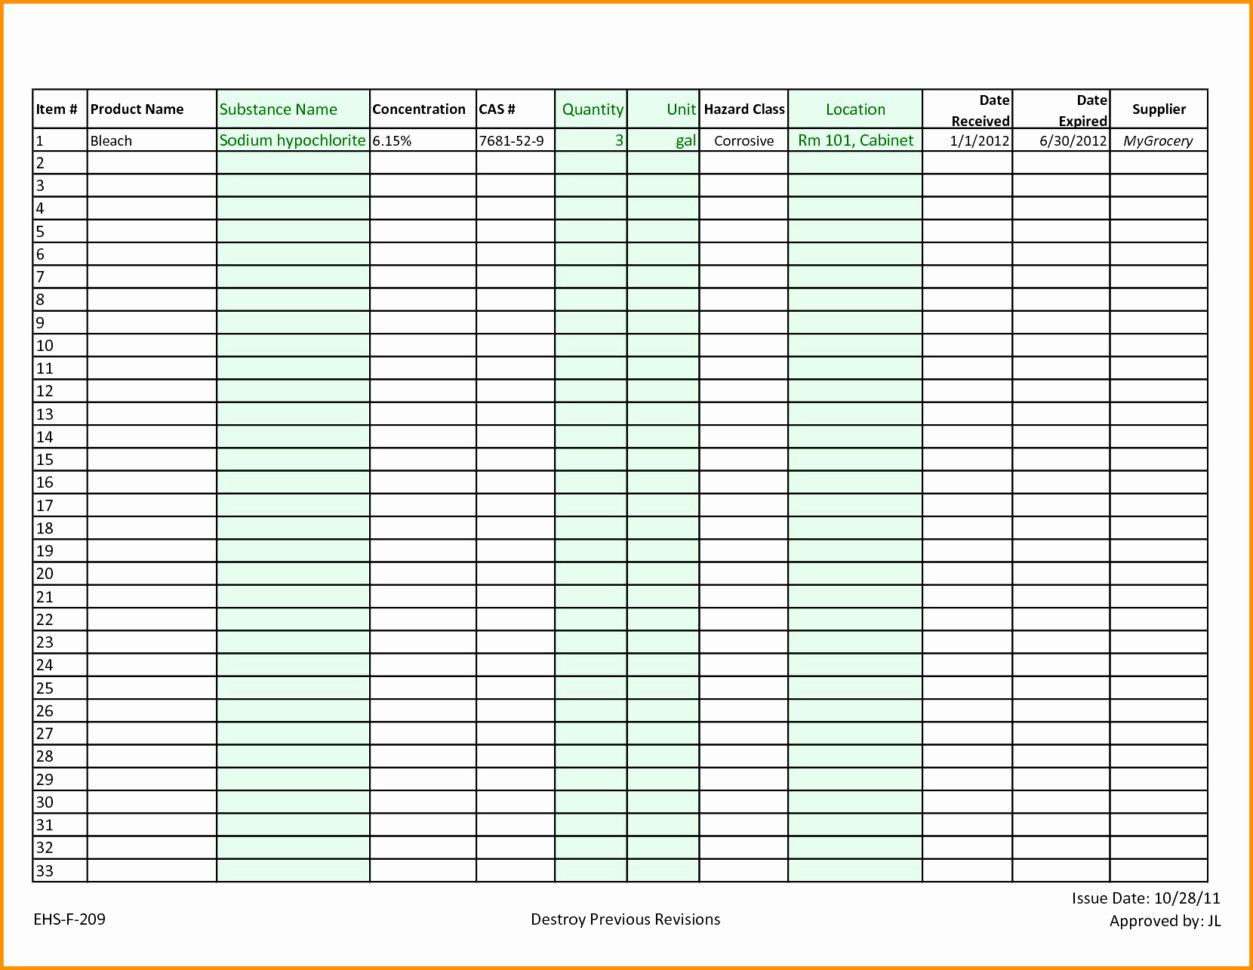 inventory management website template free download inventory management template free inventory. Black Bedroom Furniture Sets. Home Design Ideas